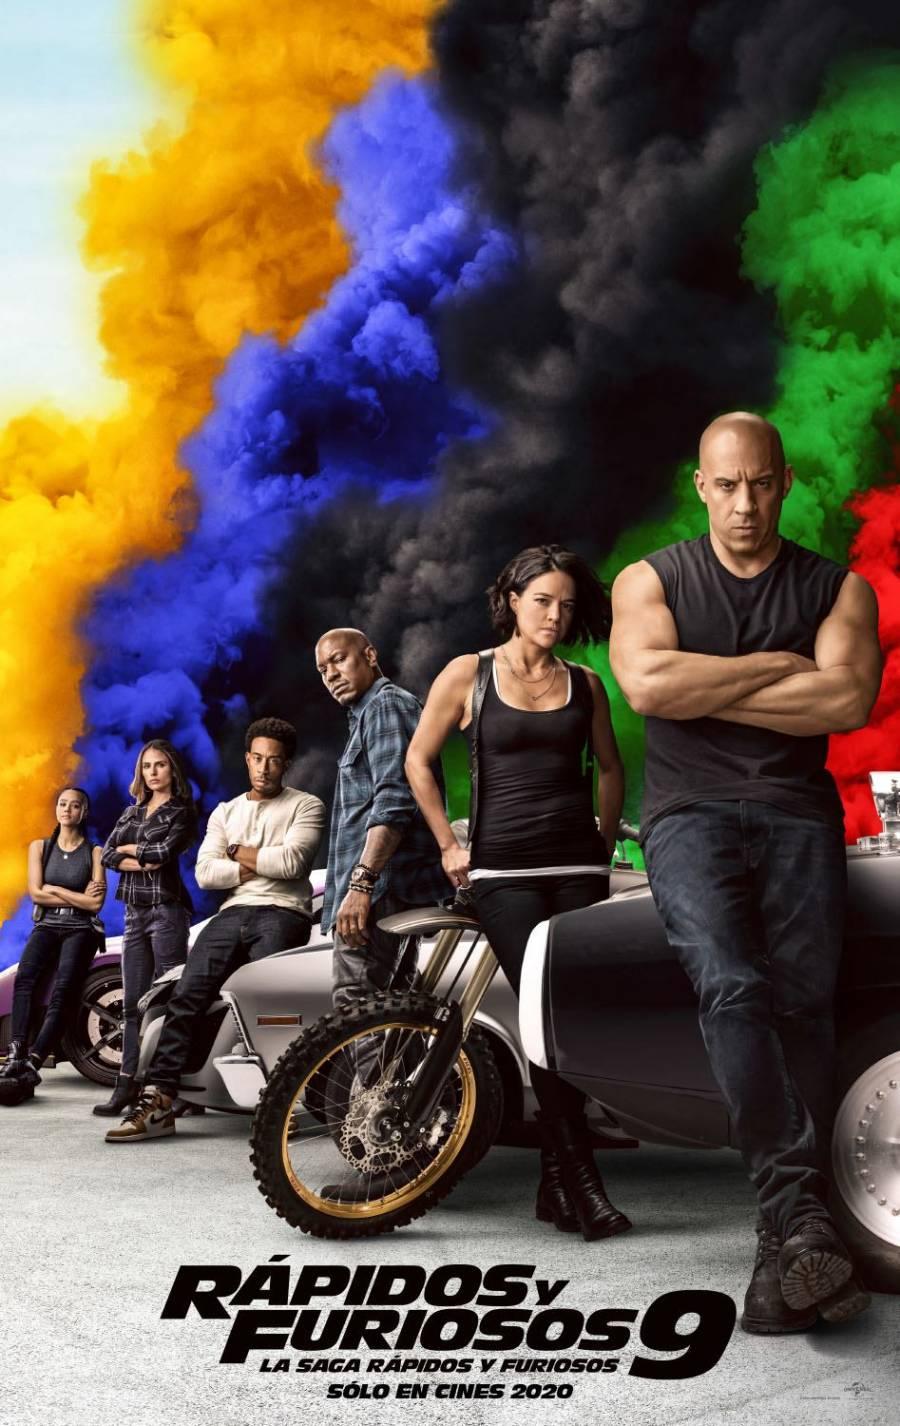 John Cena y Vin Diesel protagonizan el nuevo tráiler de 'Rápidos y Furiosos 9'